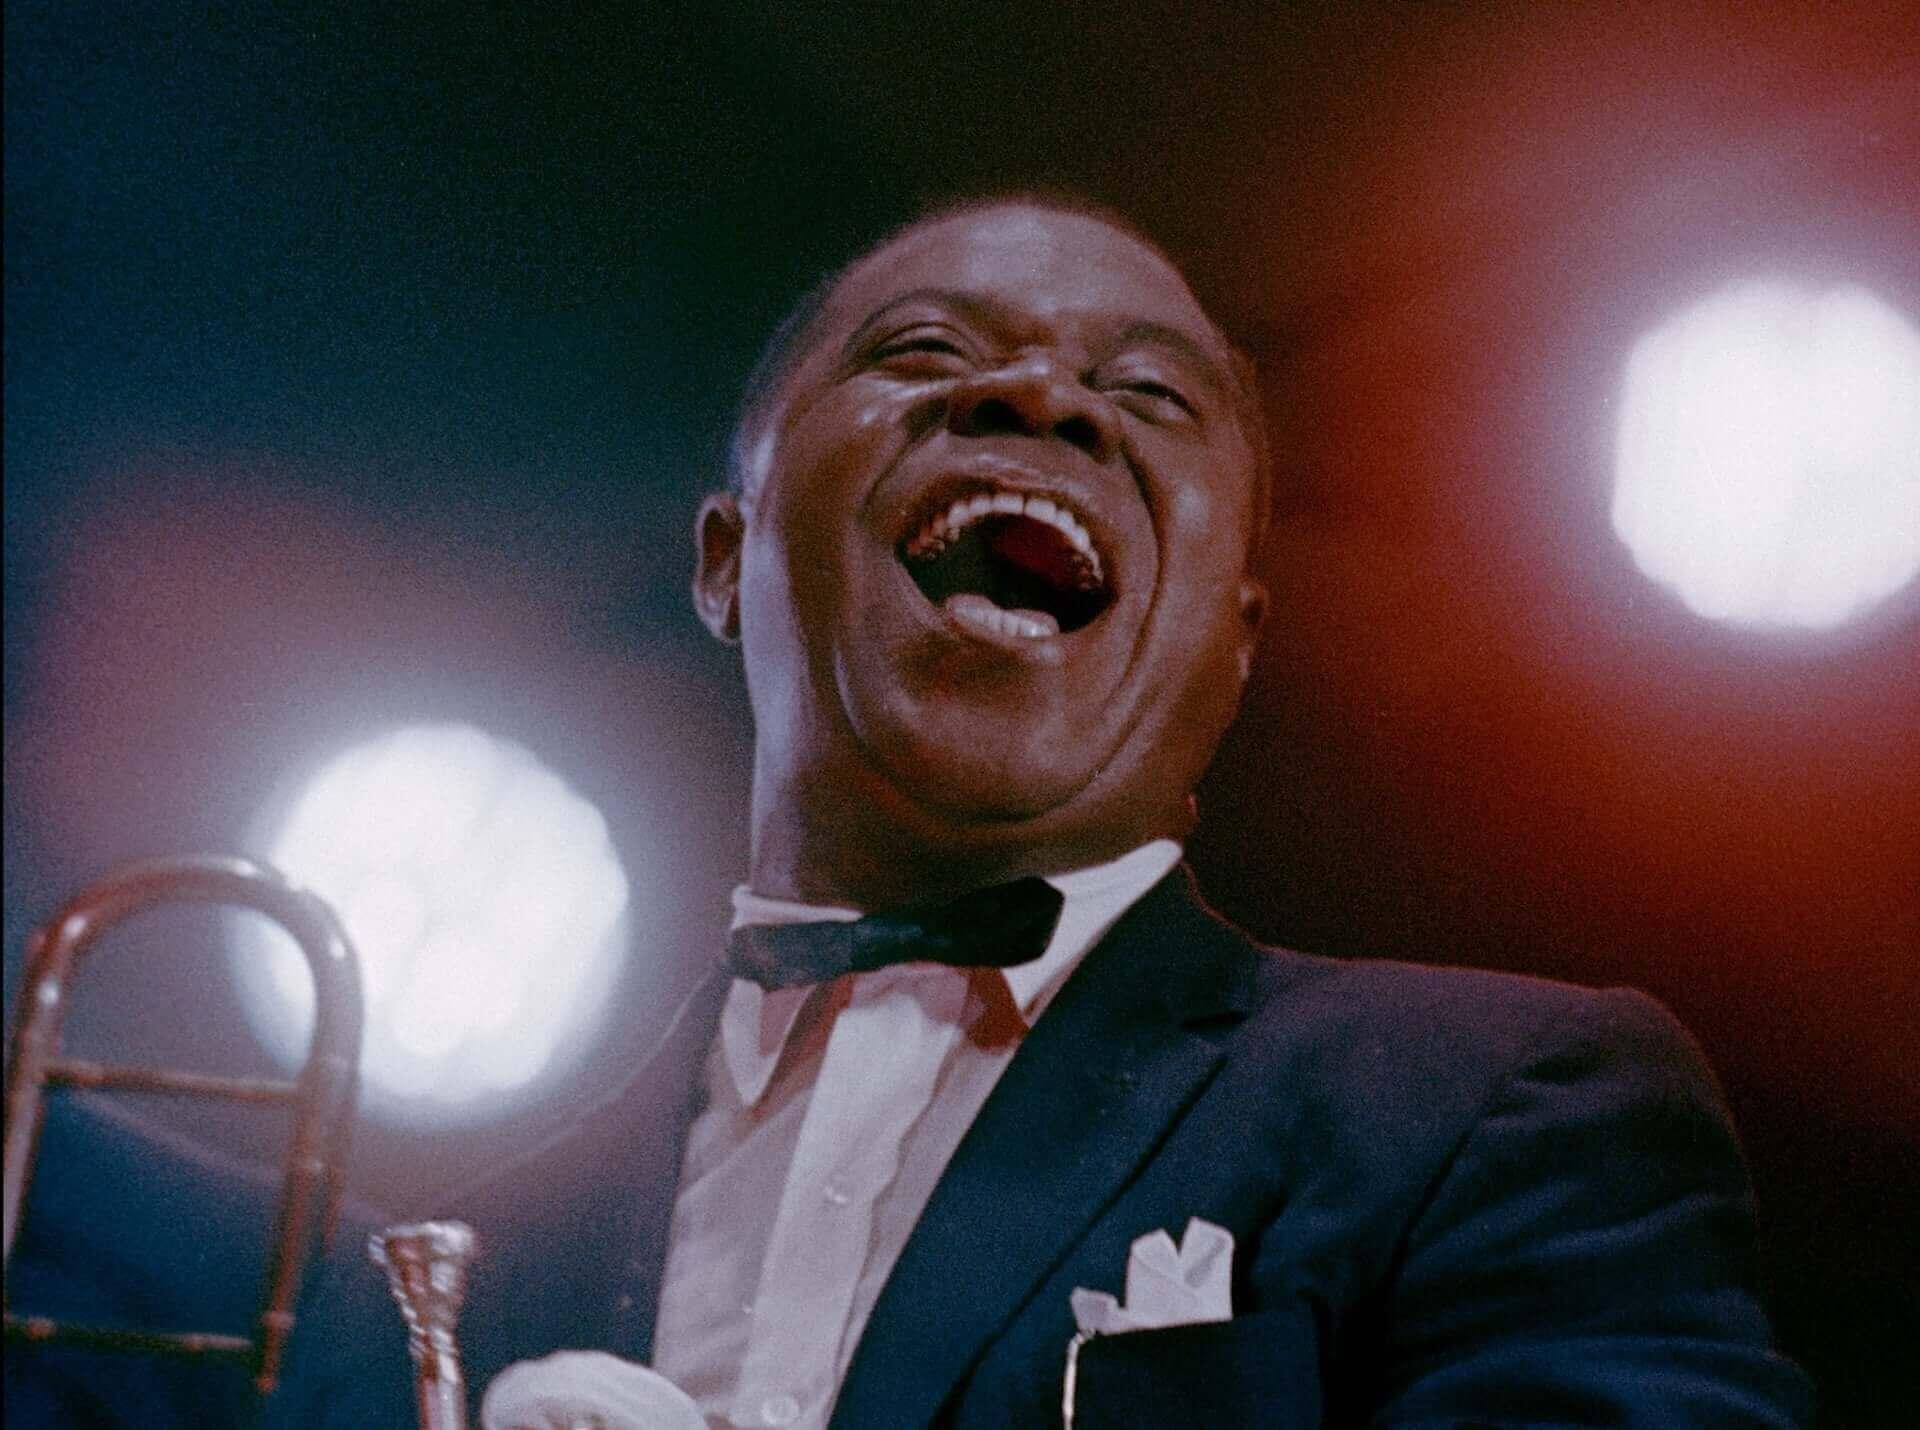 米最大級のフェスを追ったドキュメンタリー『真夏の夜のジャズ 4K』のビジュアルが4枚同時公開!1959年公開当時のフランス版&プレスブックの表紙も film200808_jazz4k_6-1920x1430